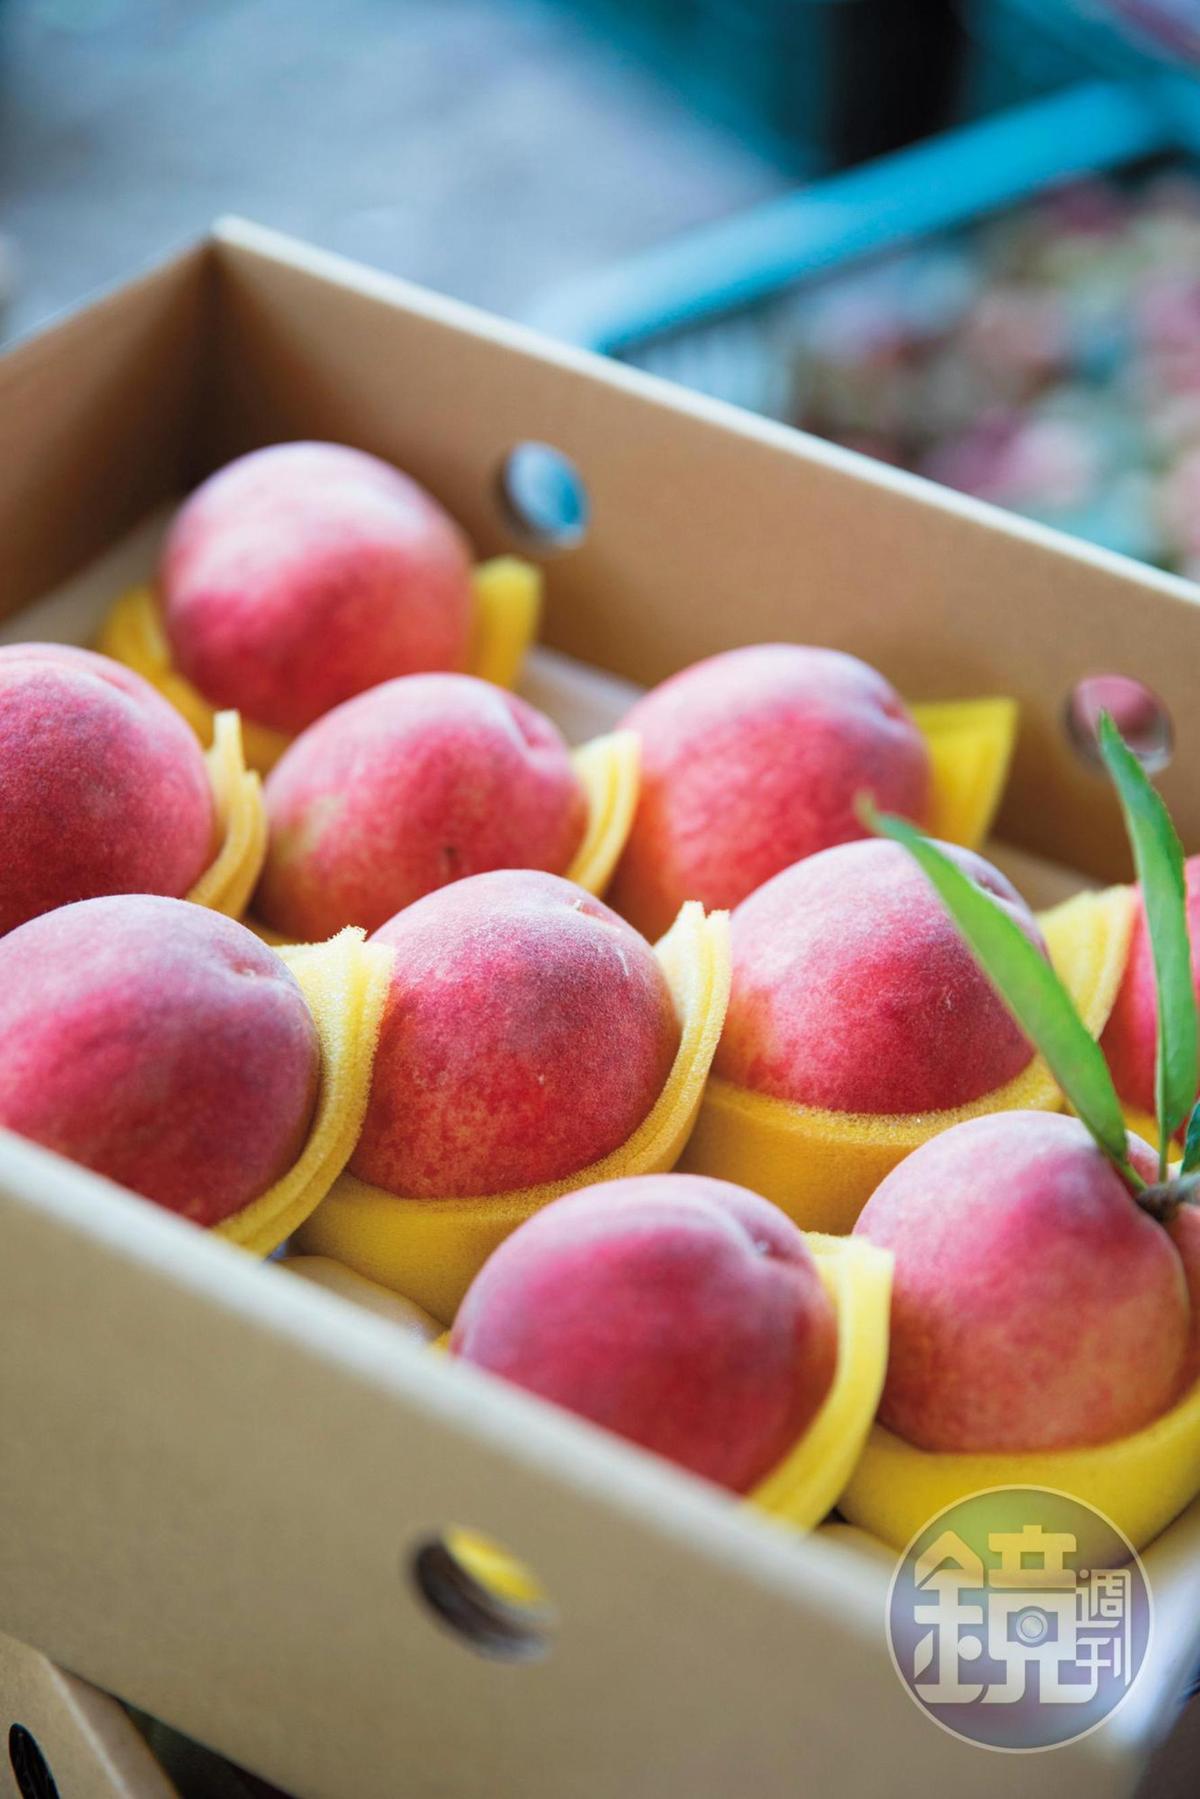 每年6~8月為水蜜桃產季,細皮嫩肉又多汁,很誘人。